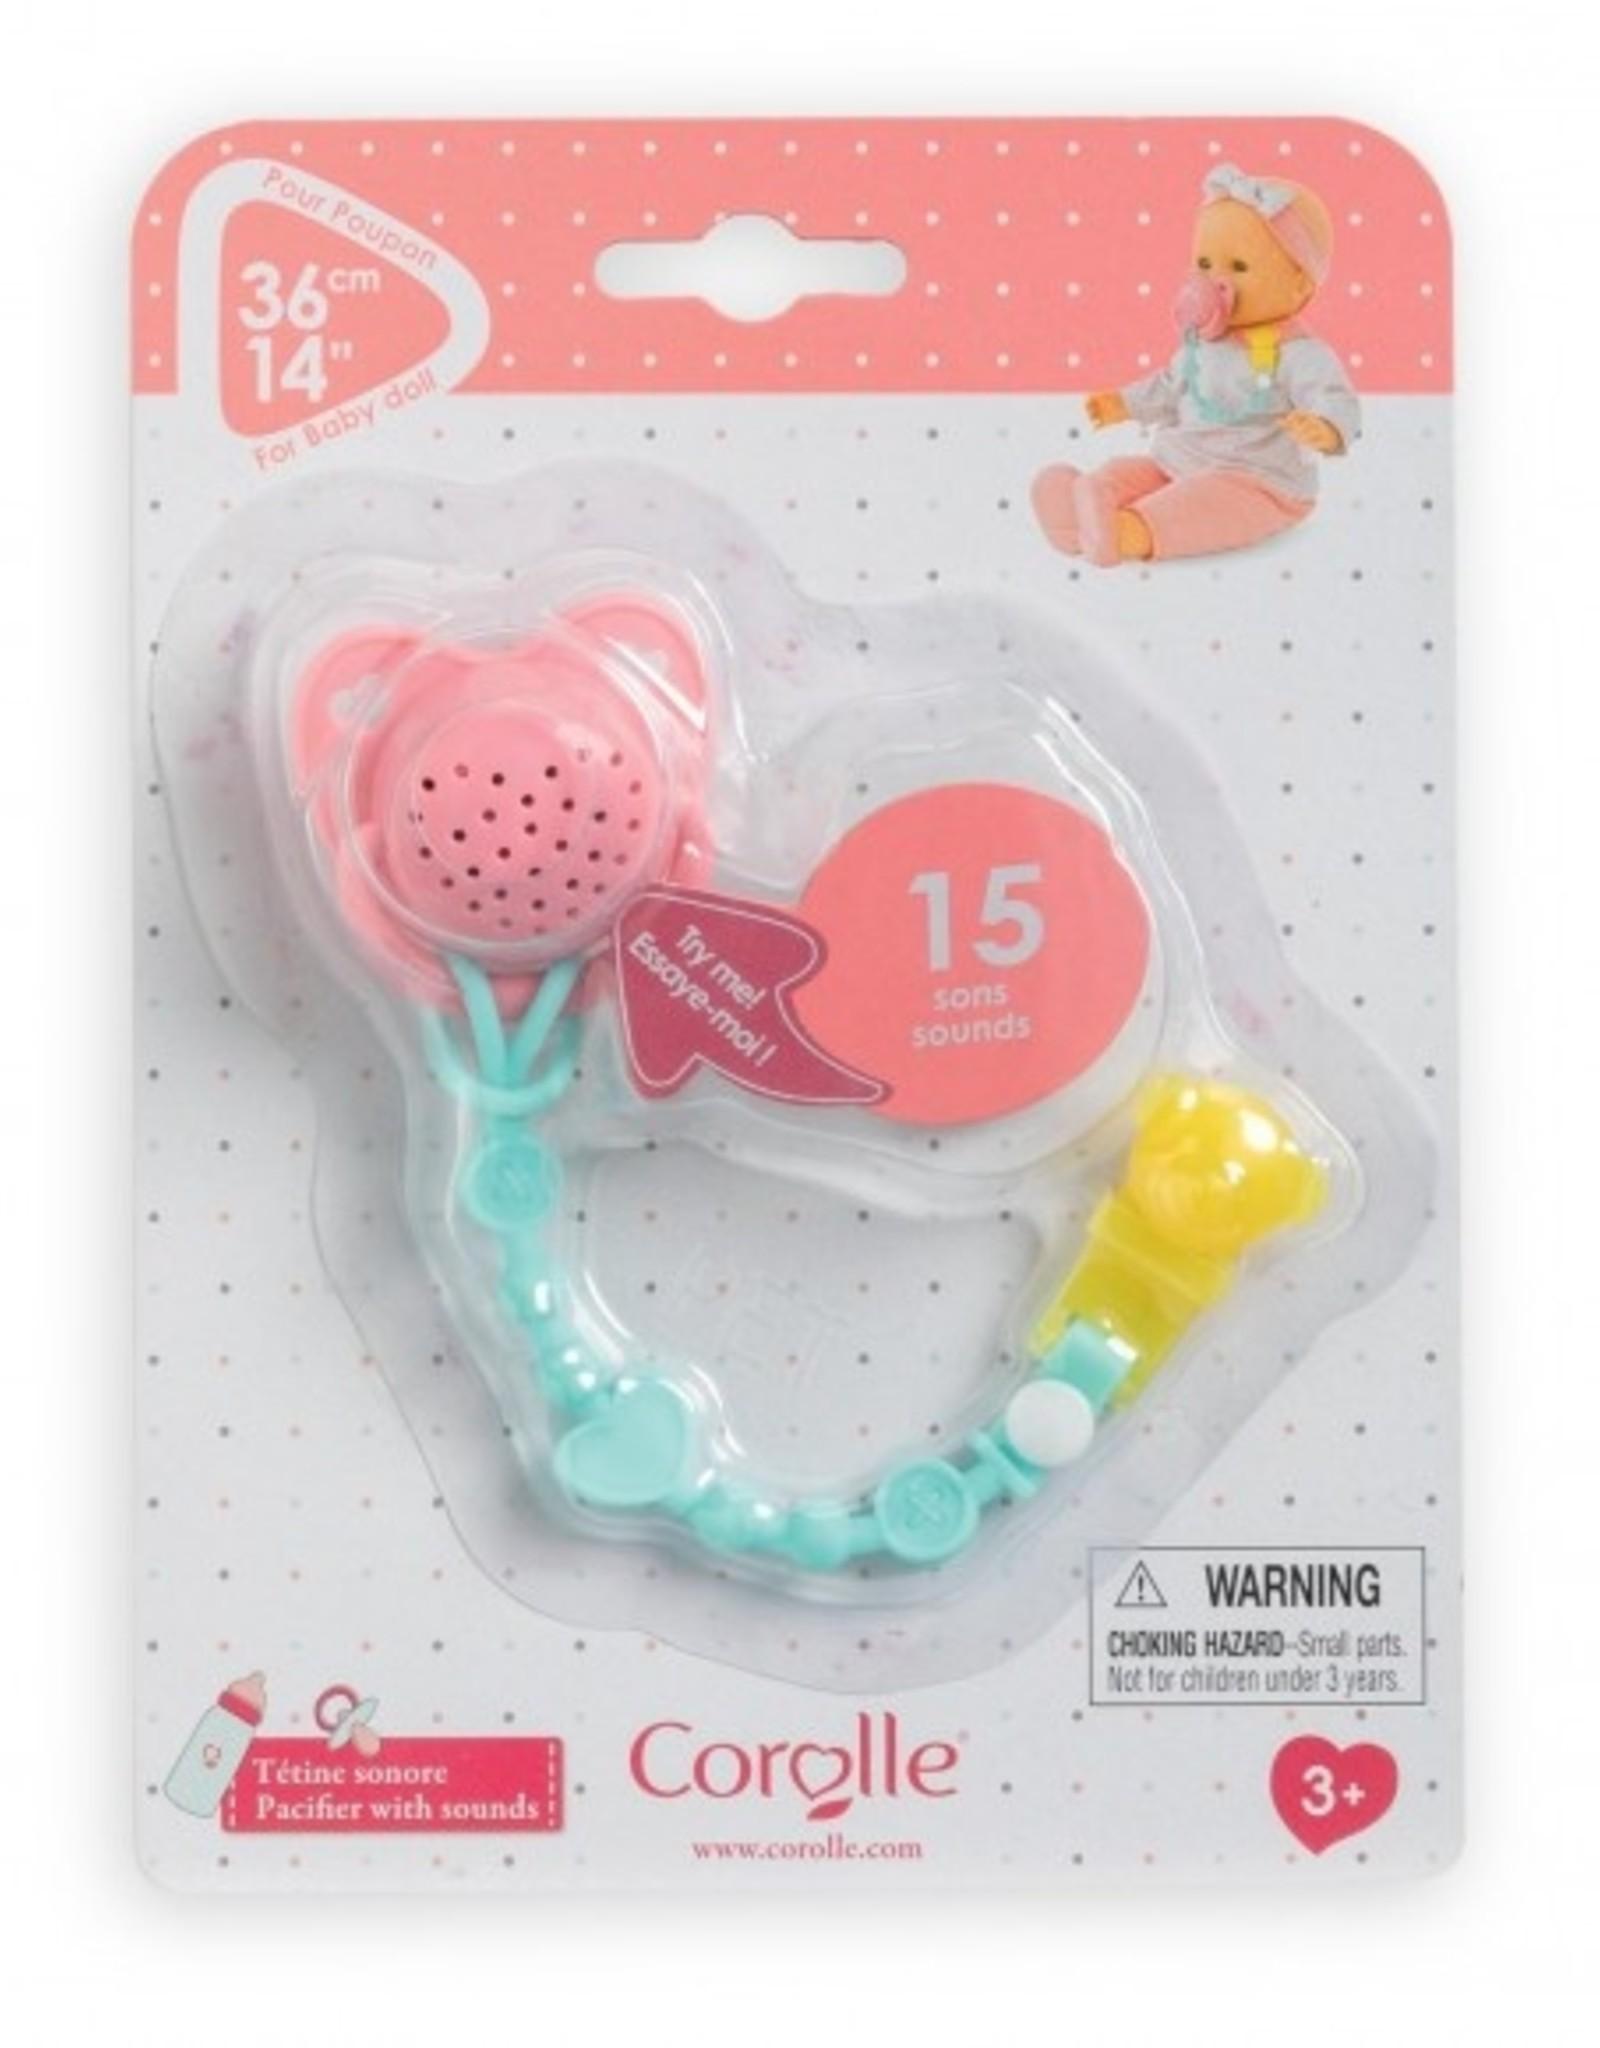 Corolle Geluidsspeen voor baby 36 cm